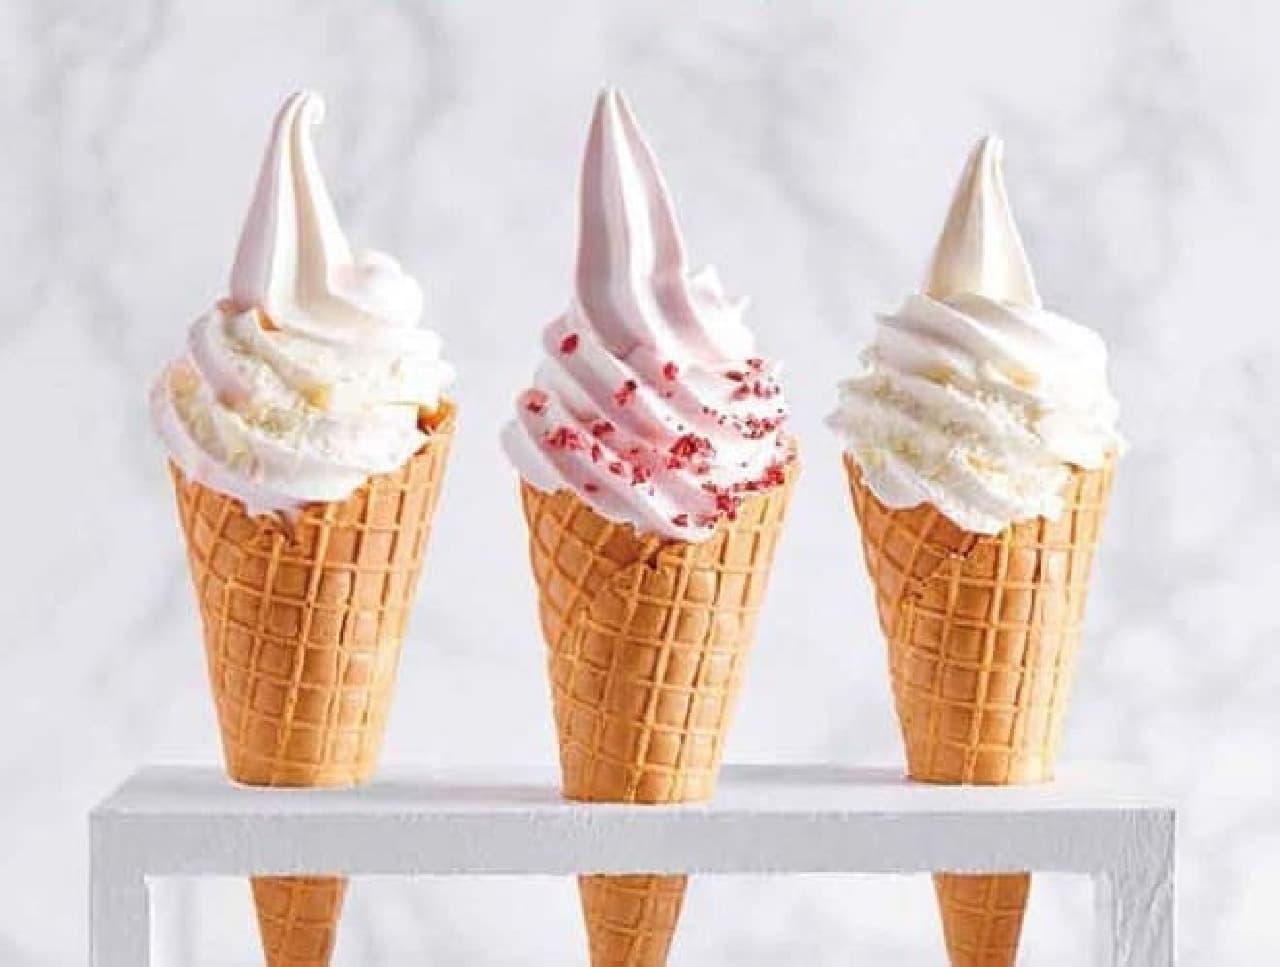 ジェラート ピケ カフェ「いちごカスタードソフトクリーム」「リッチミルクソフトクリーム」「ミックスソフトクリーム」